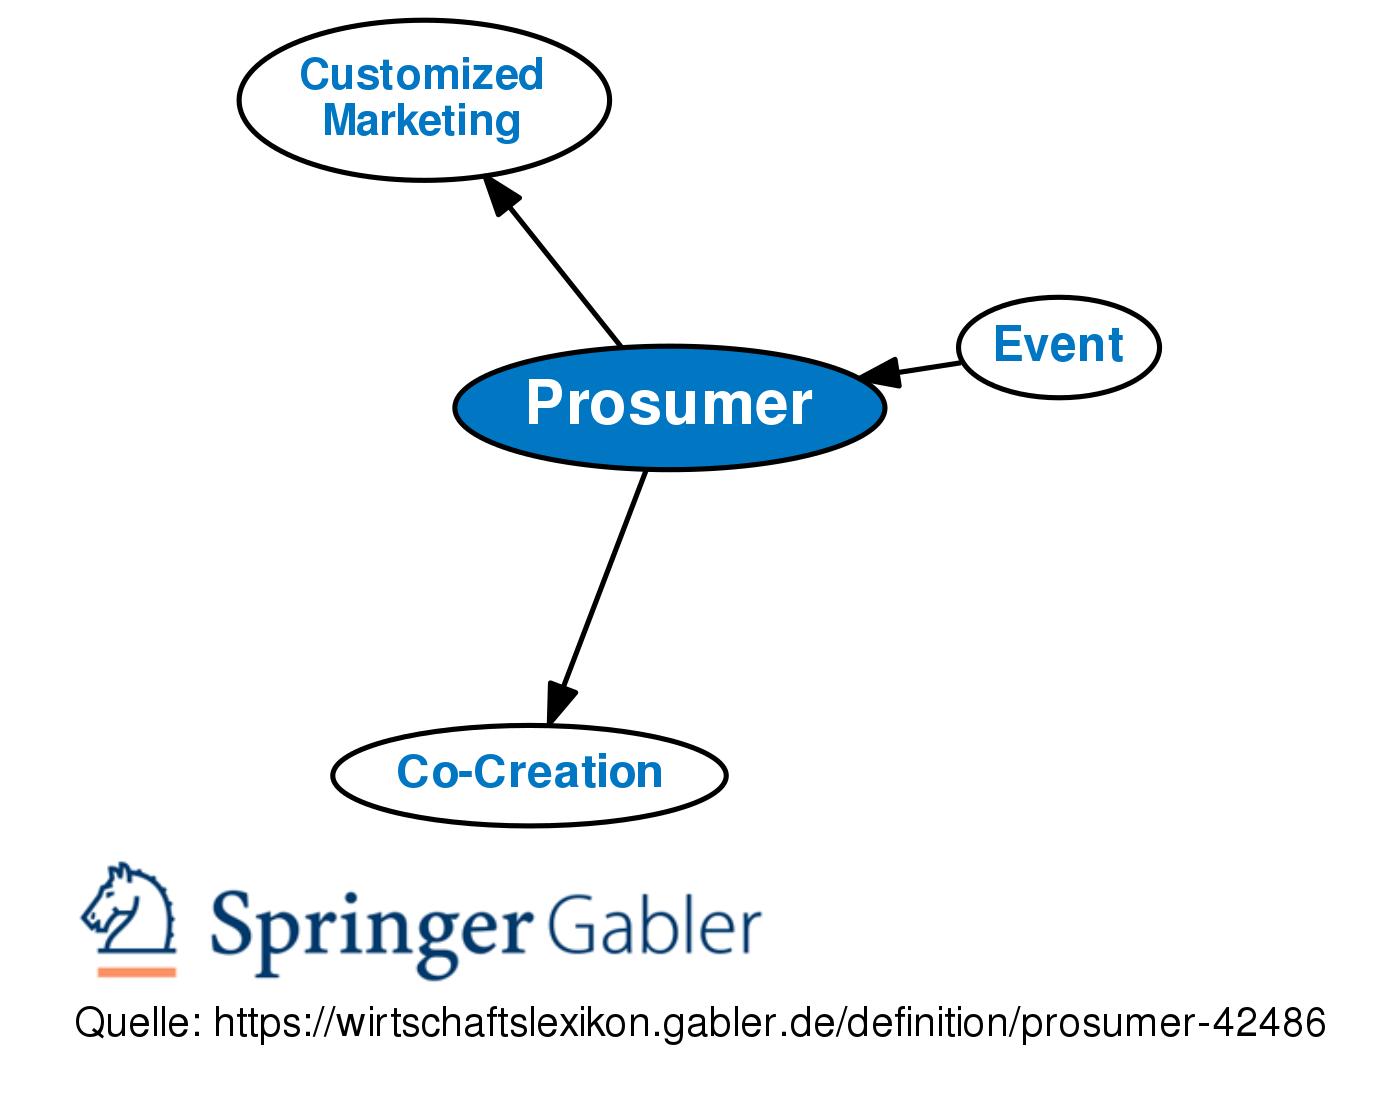 Prosumer